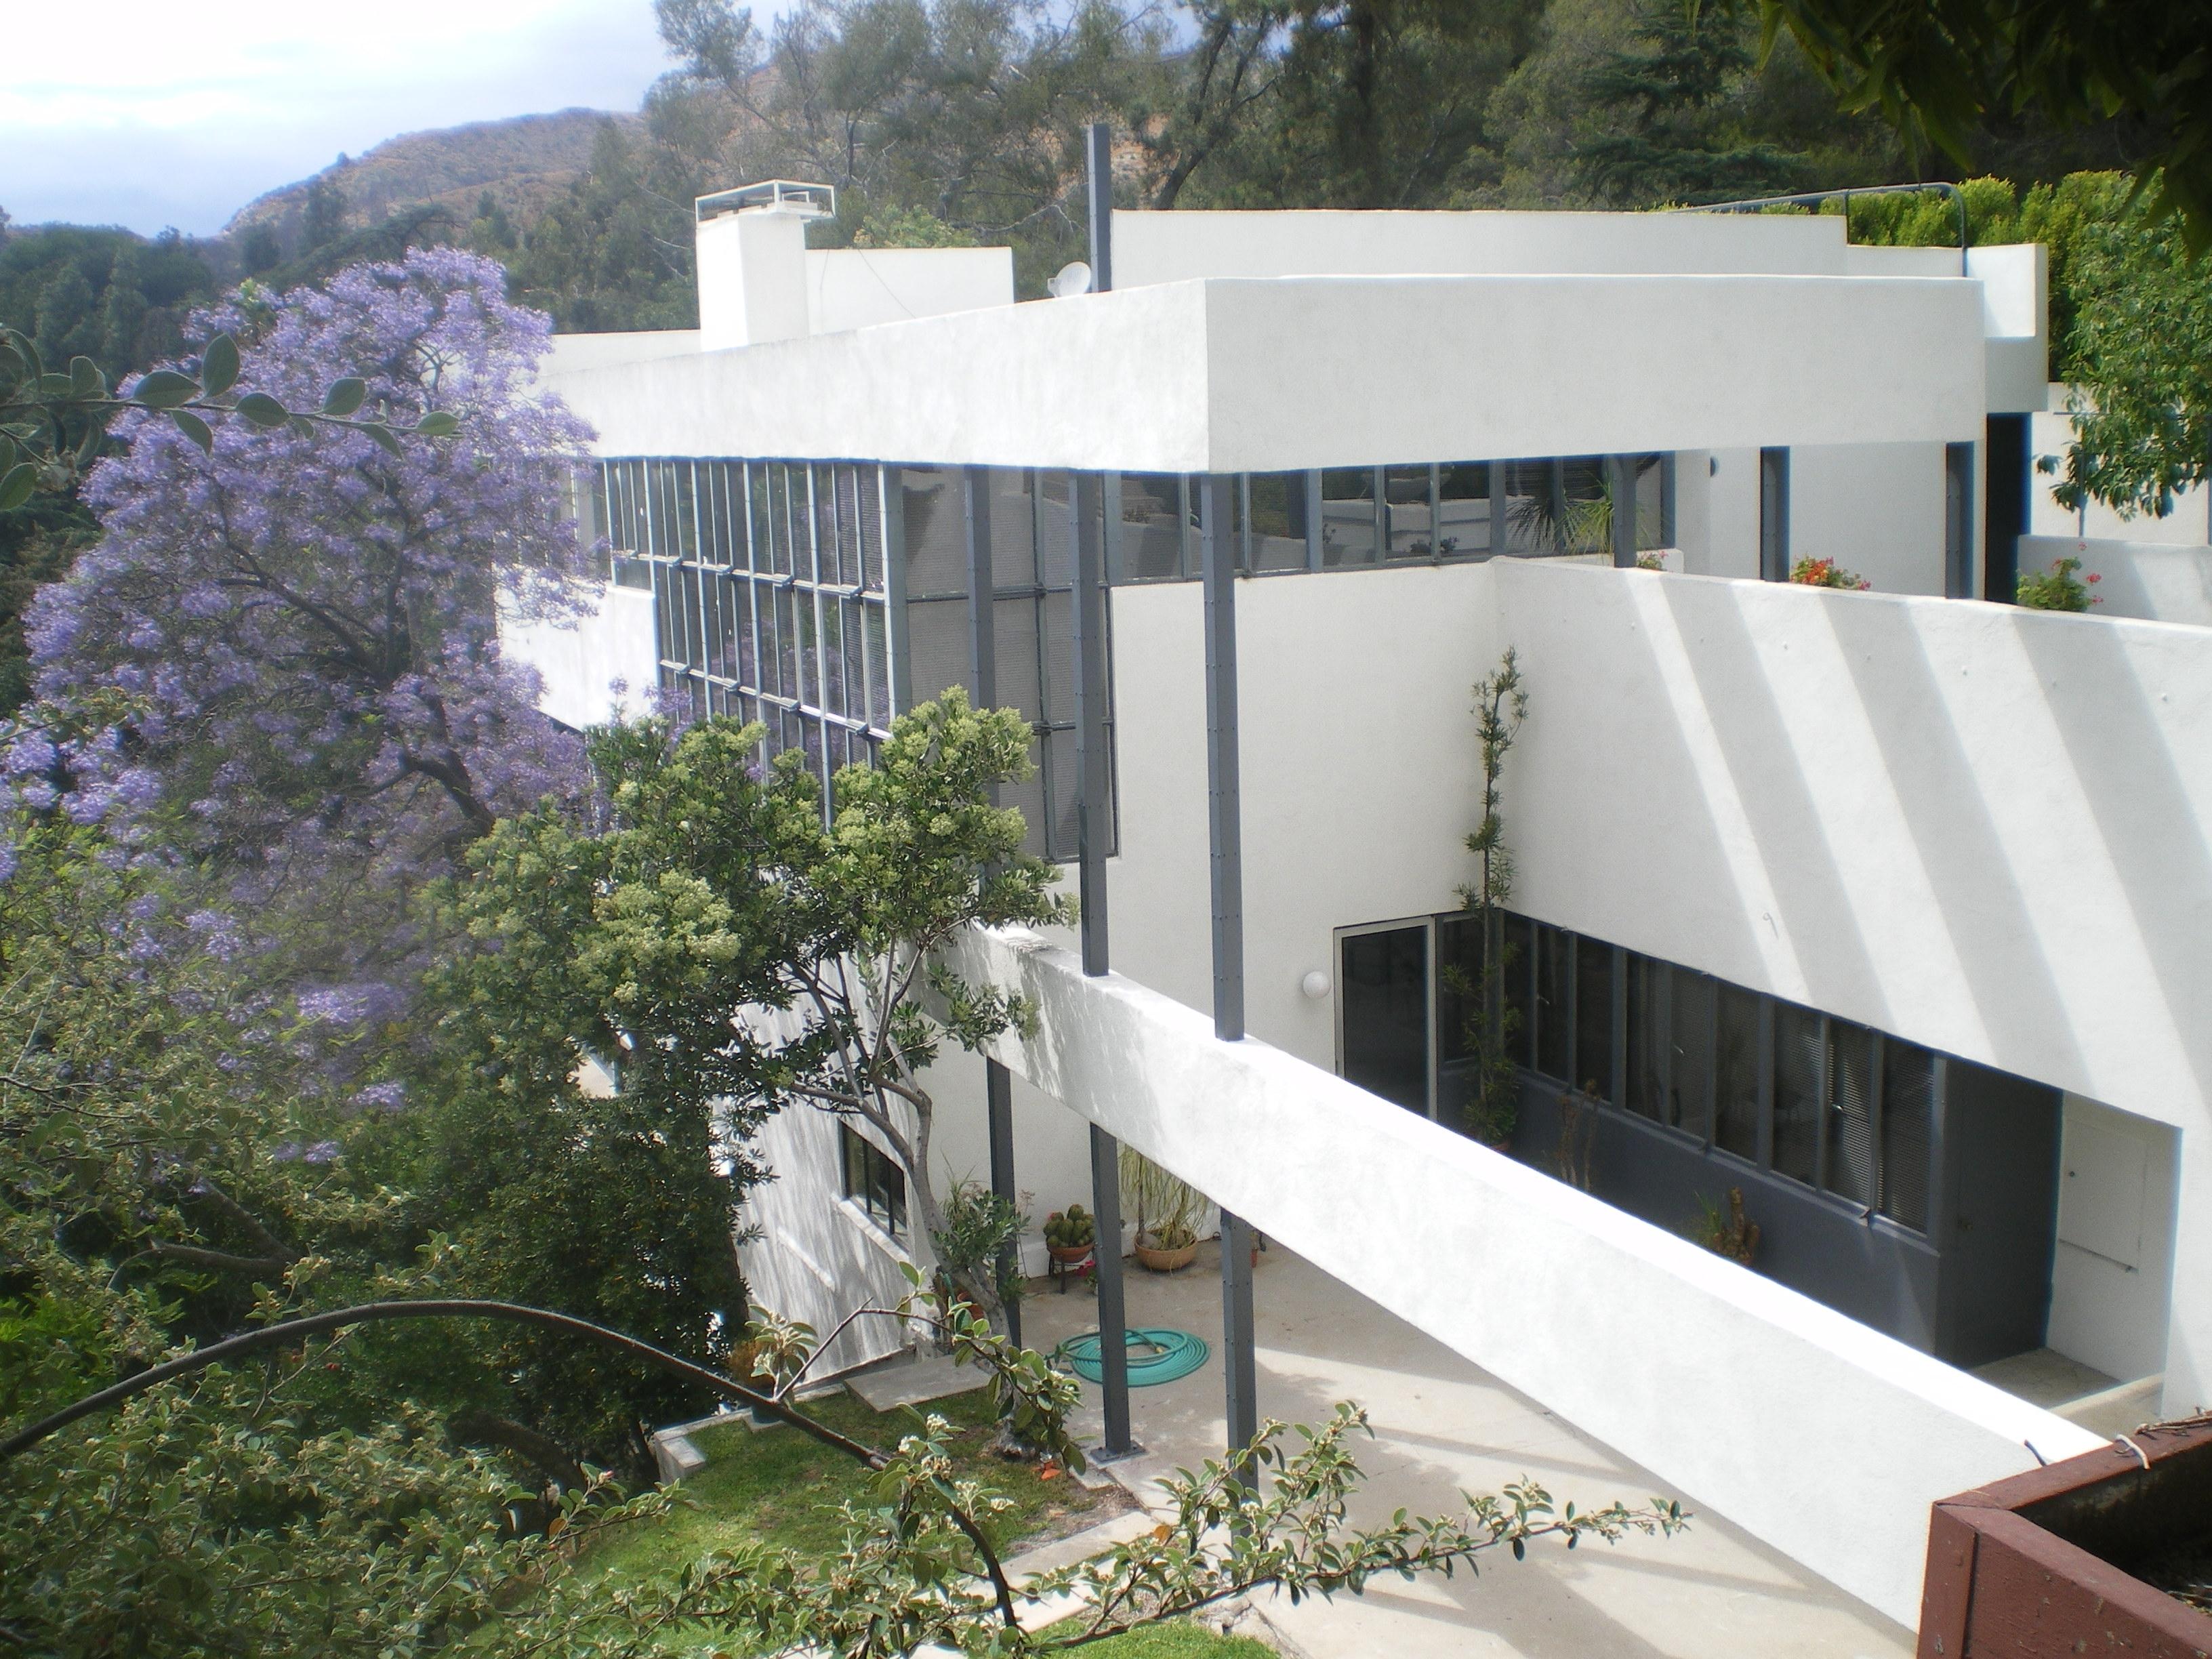 International Style Architecture Wikipedia